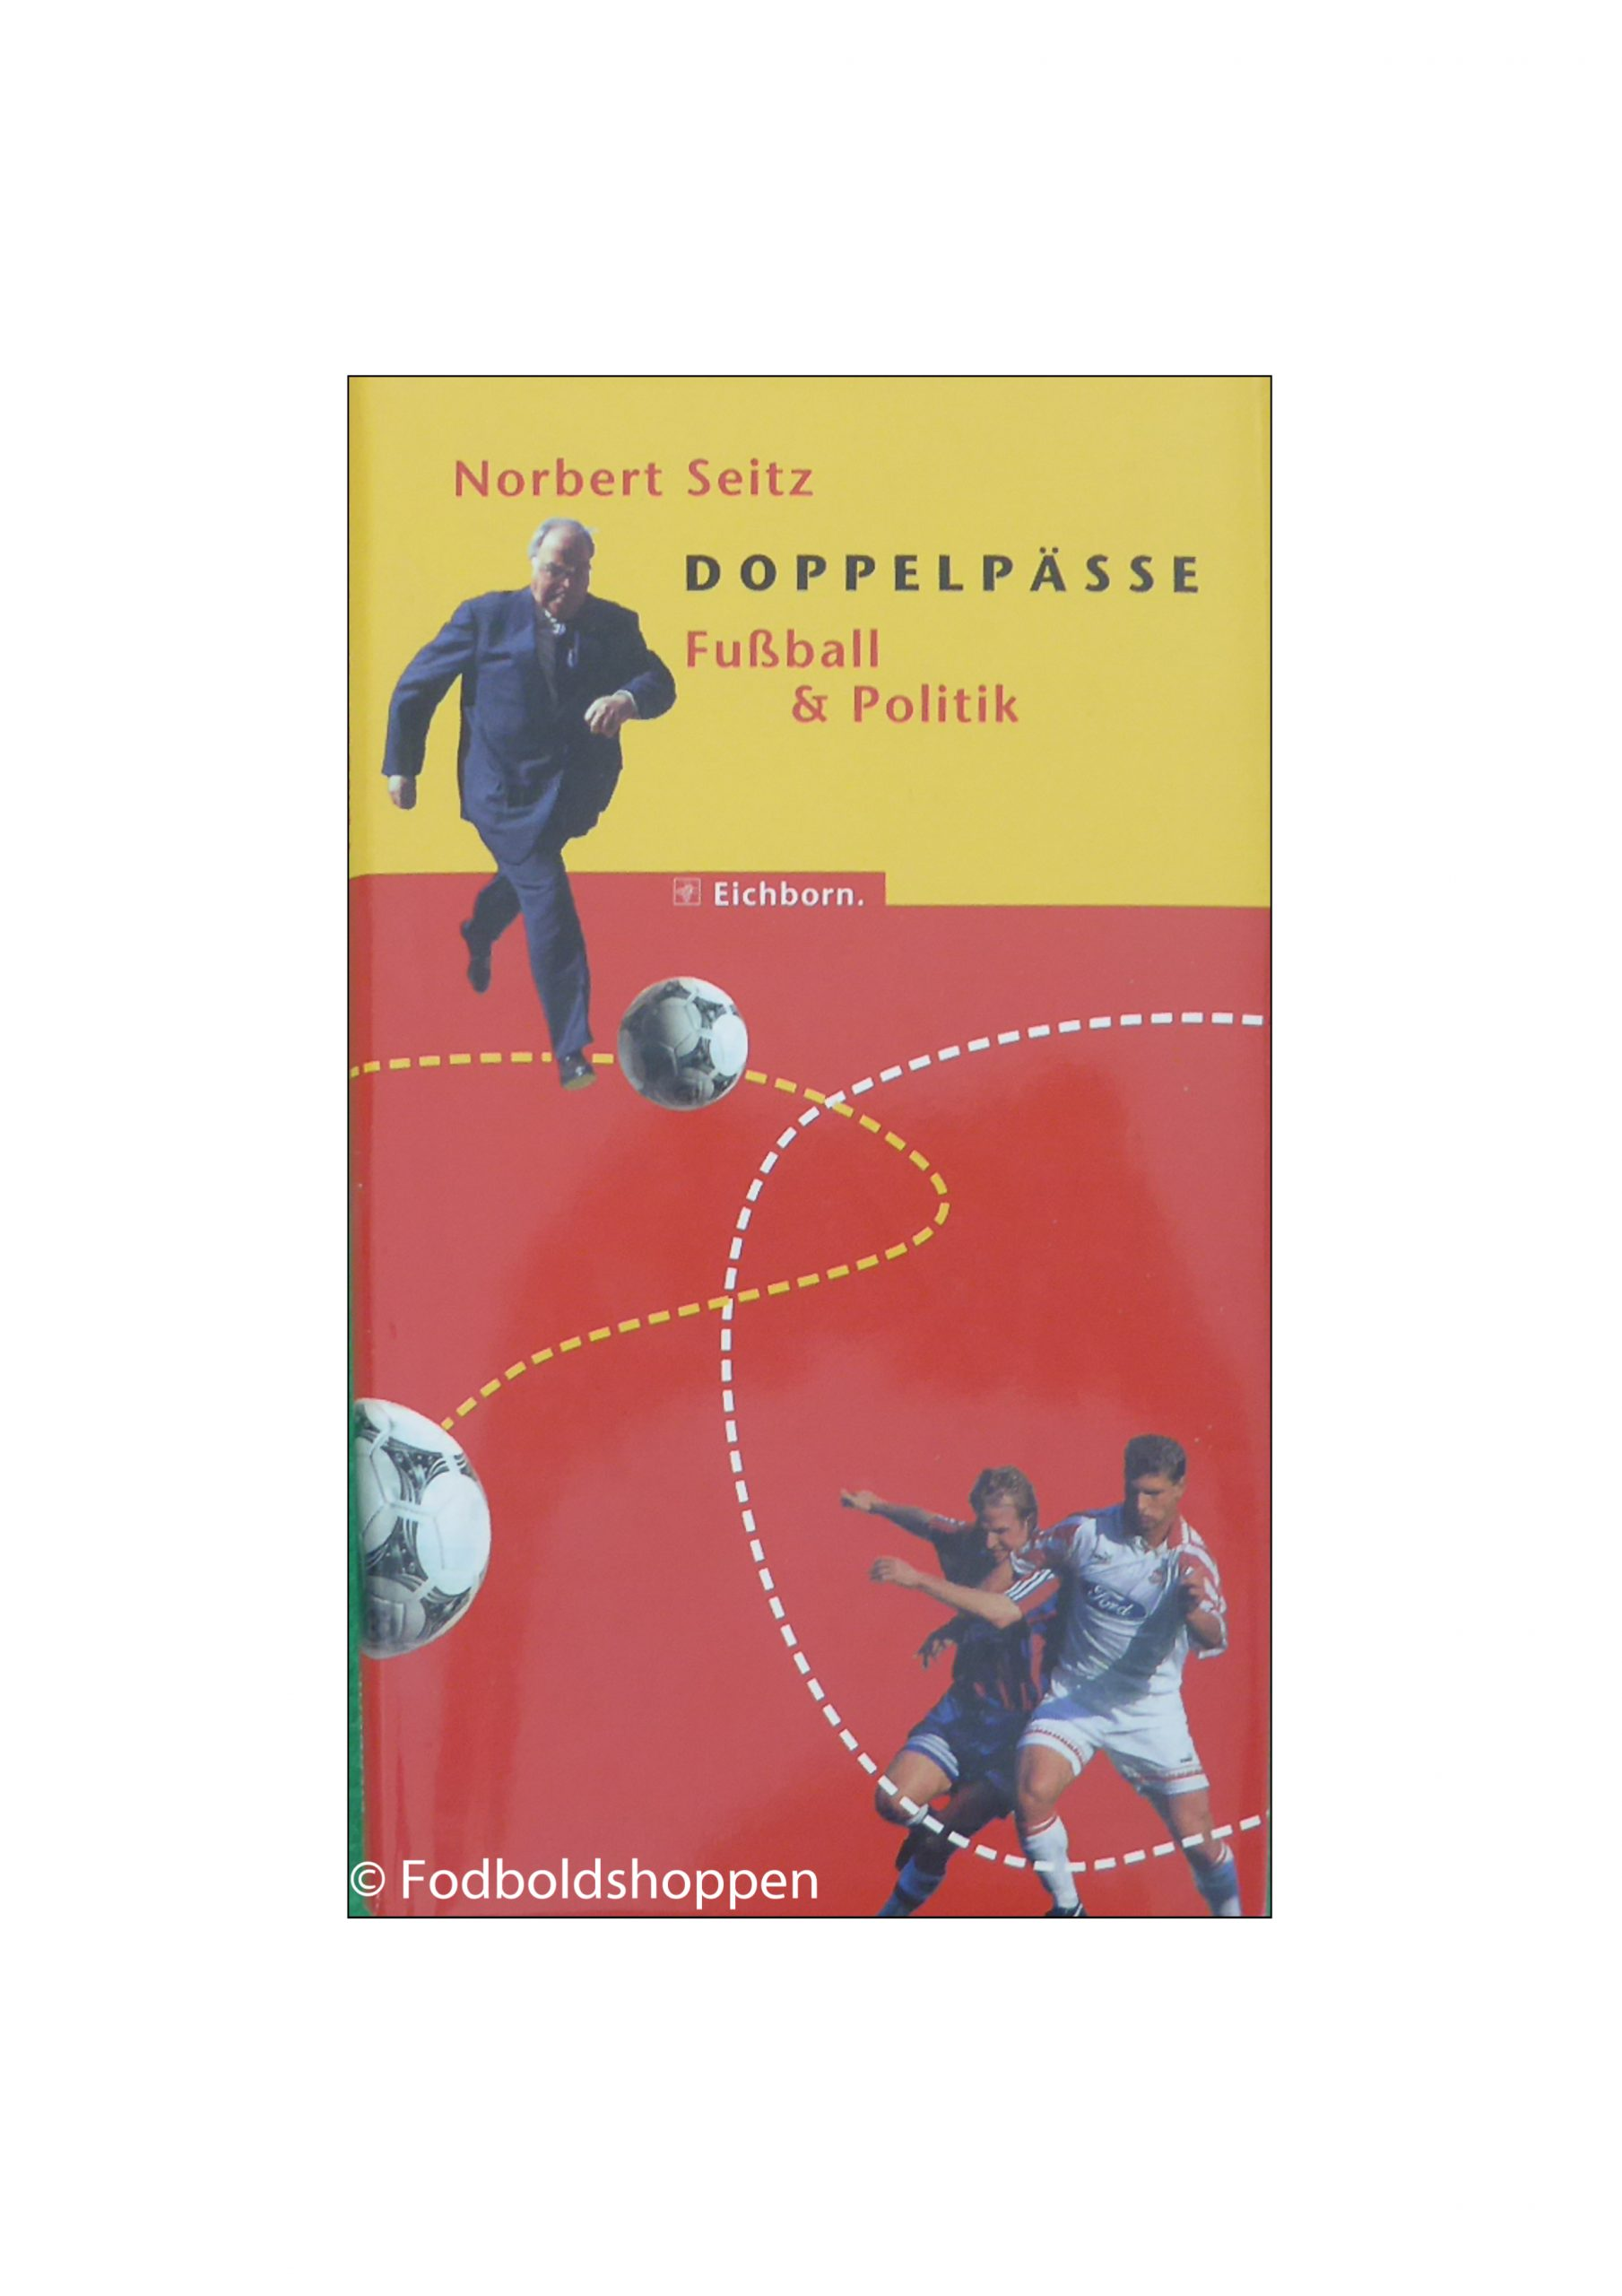 Norbert Seitz - Doppelpässe. Fussball & Politik